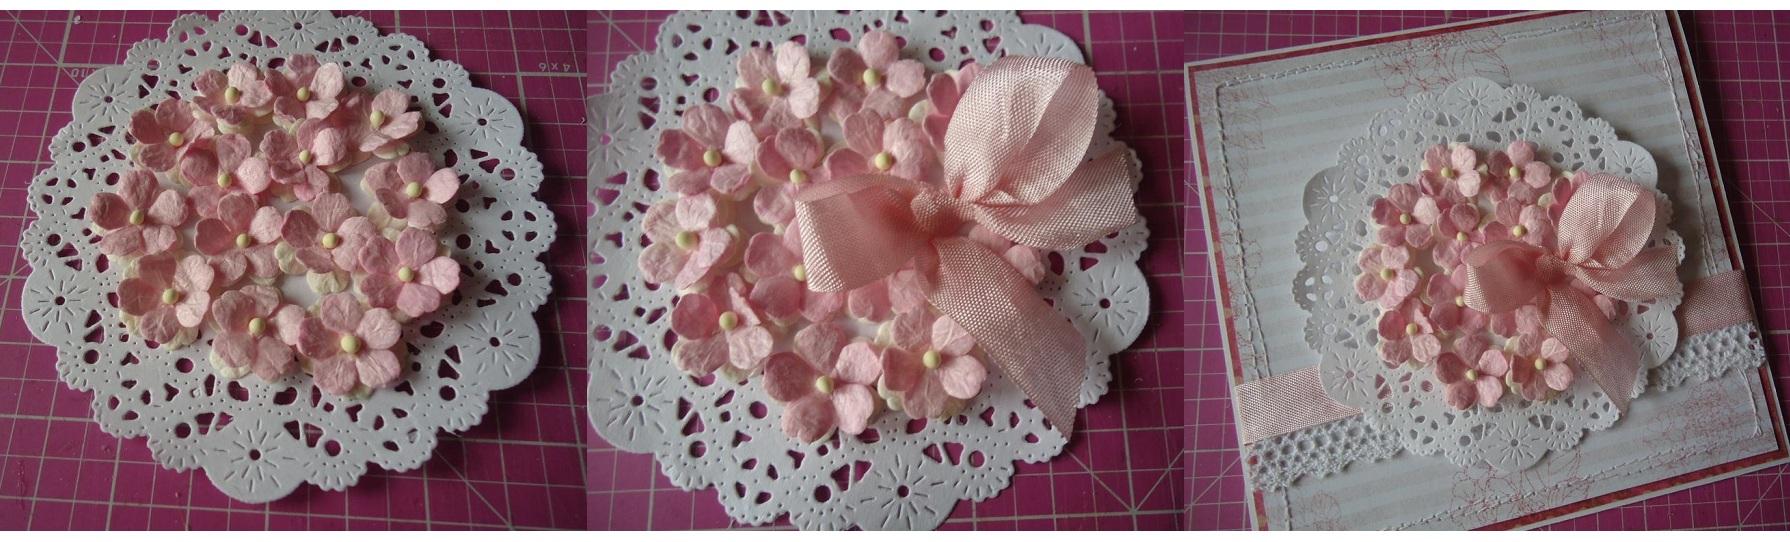 Цветы из салфеток для открытки своими руками